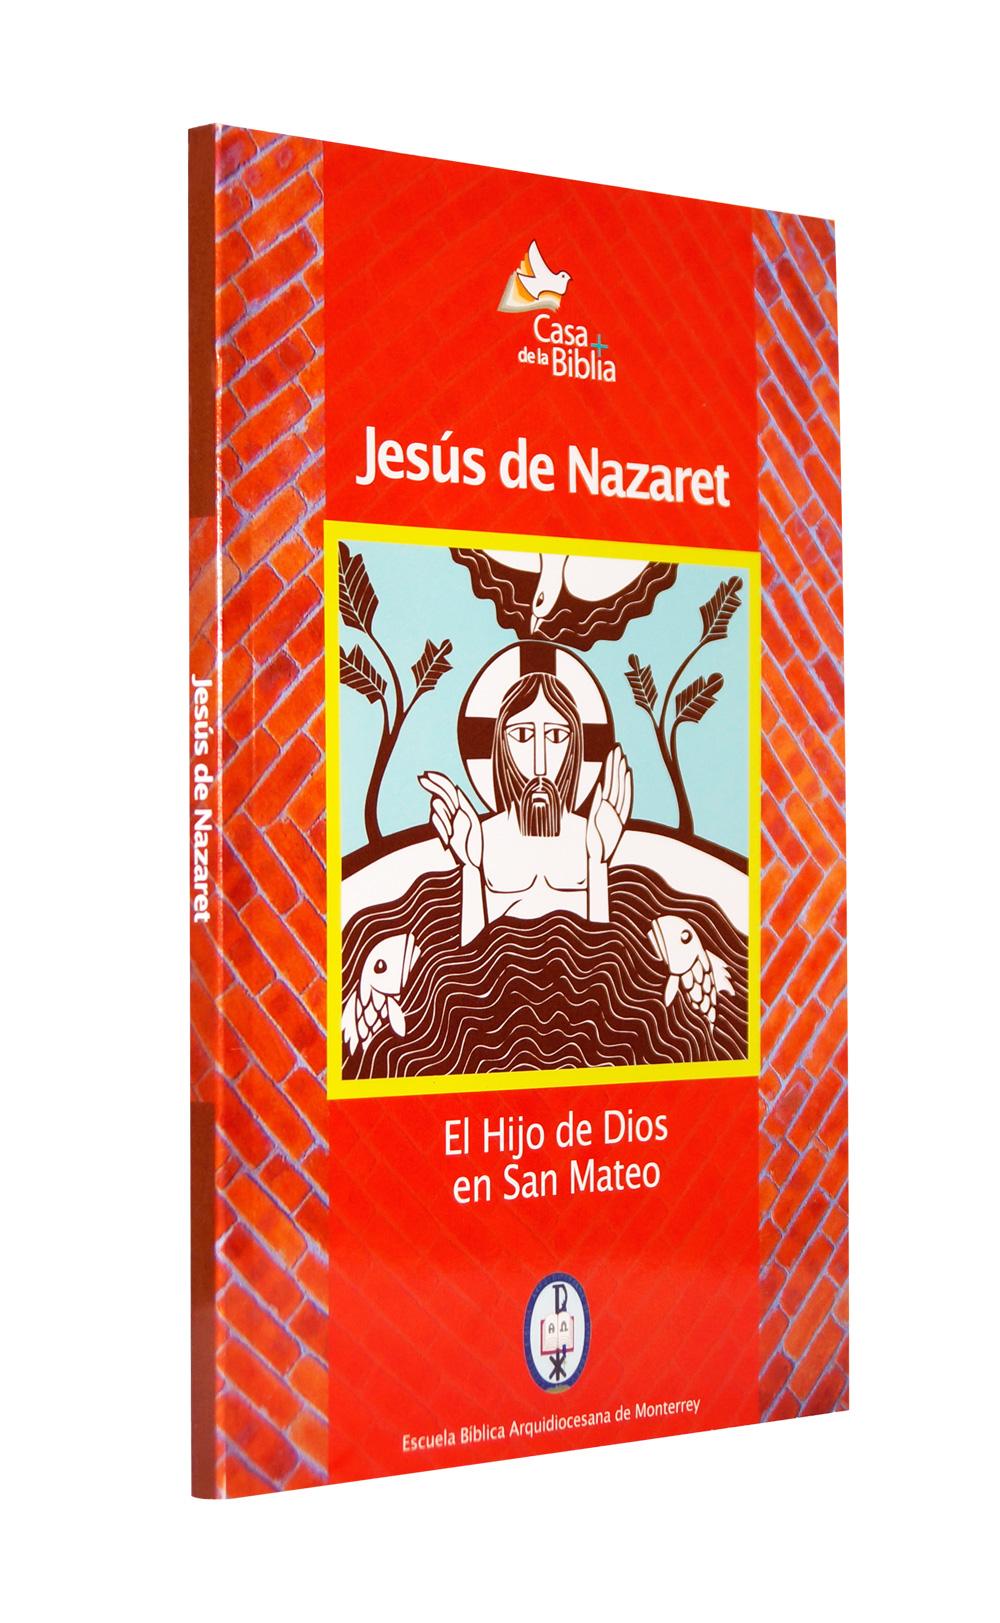 JesusNazaret-01